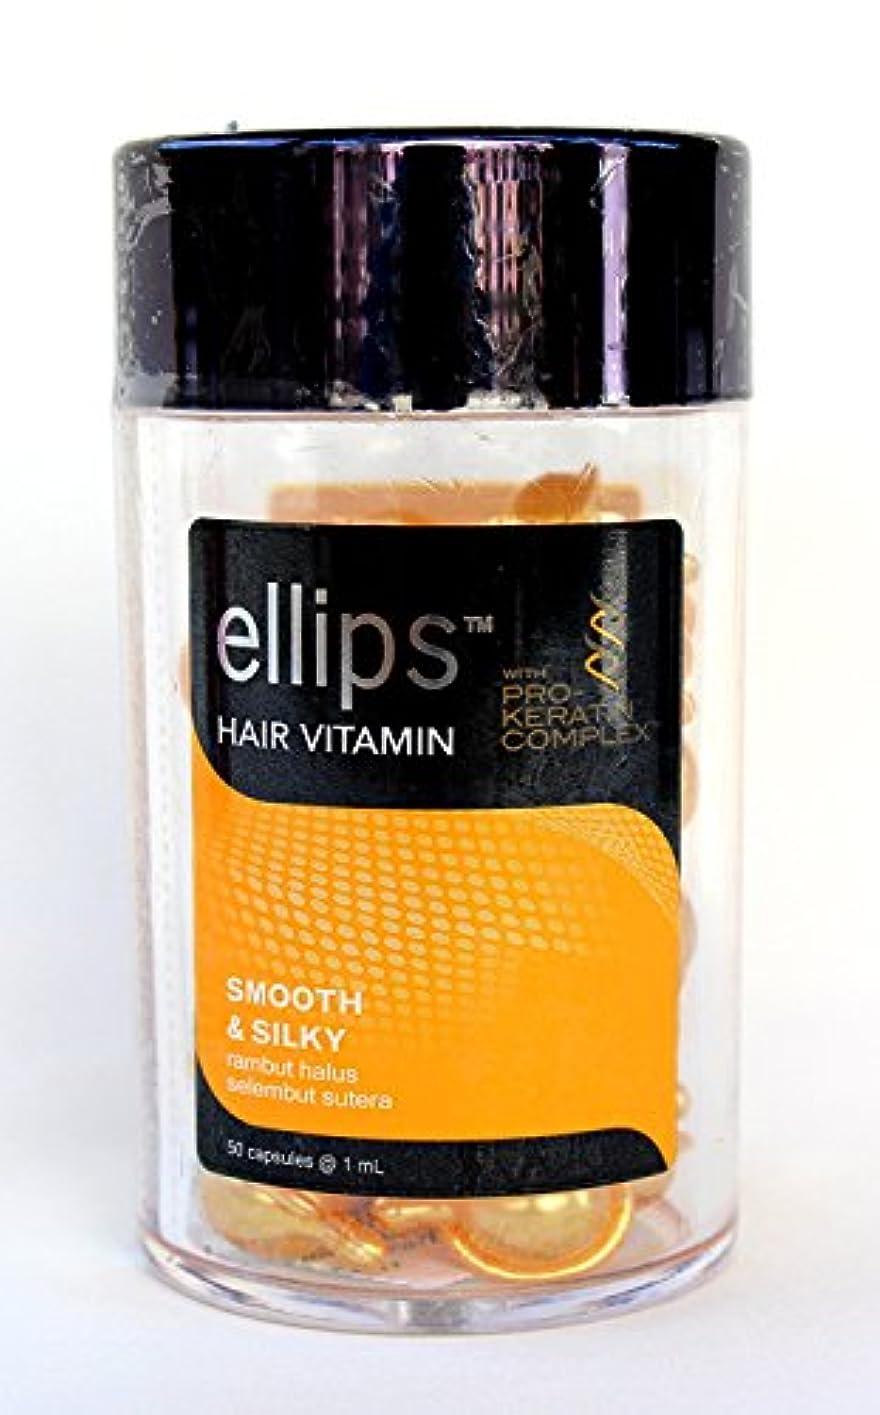 失う心理的に数字ellips カプセル型 洗い流さないヘアトリートメント ボトルタイプ ヘアビタミン スムース&シルキー 1ml×50粒